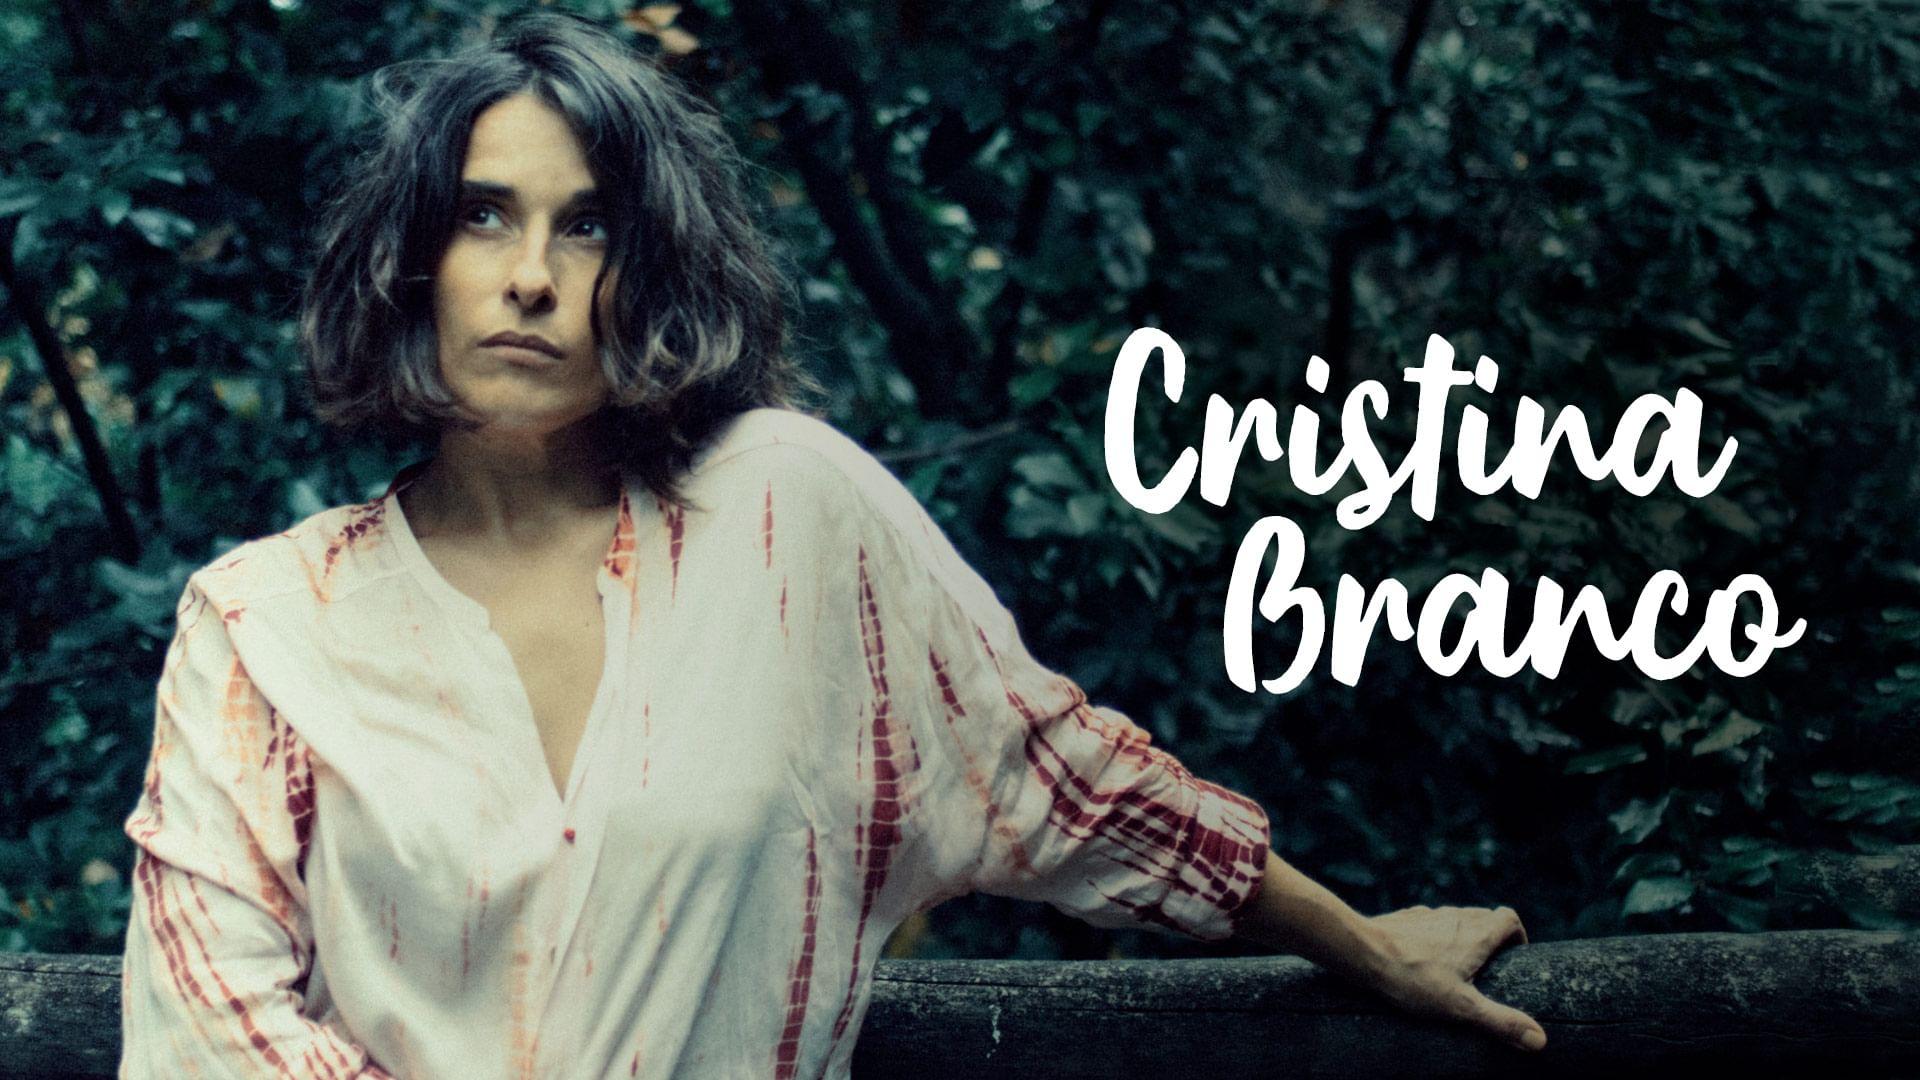 Cristina ts Tropical Storm